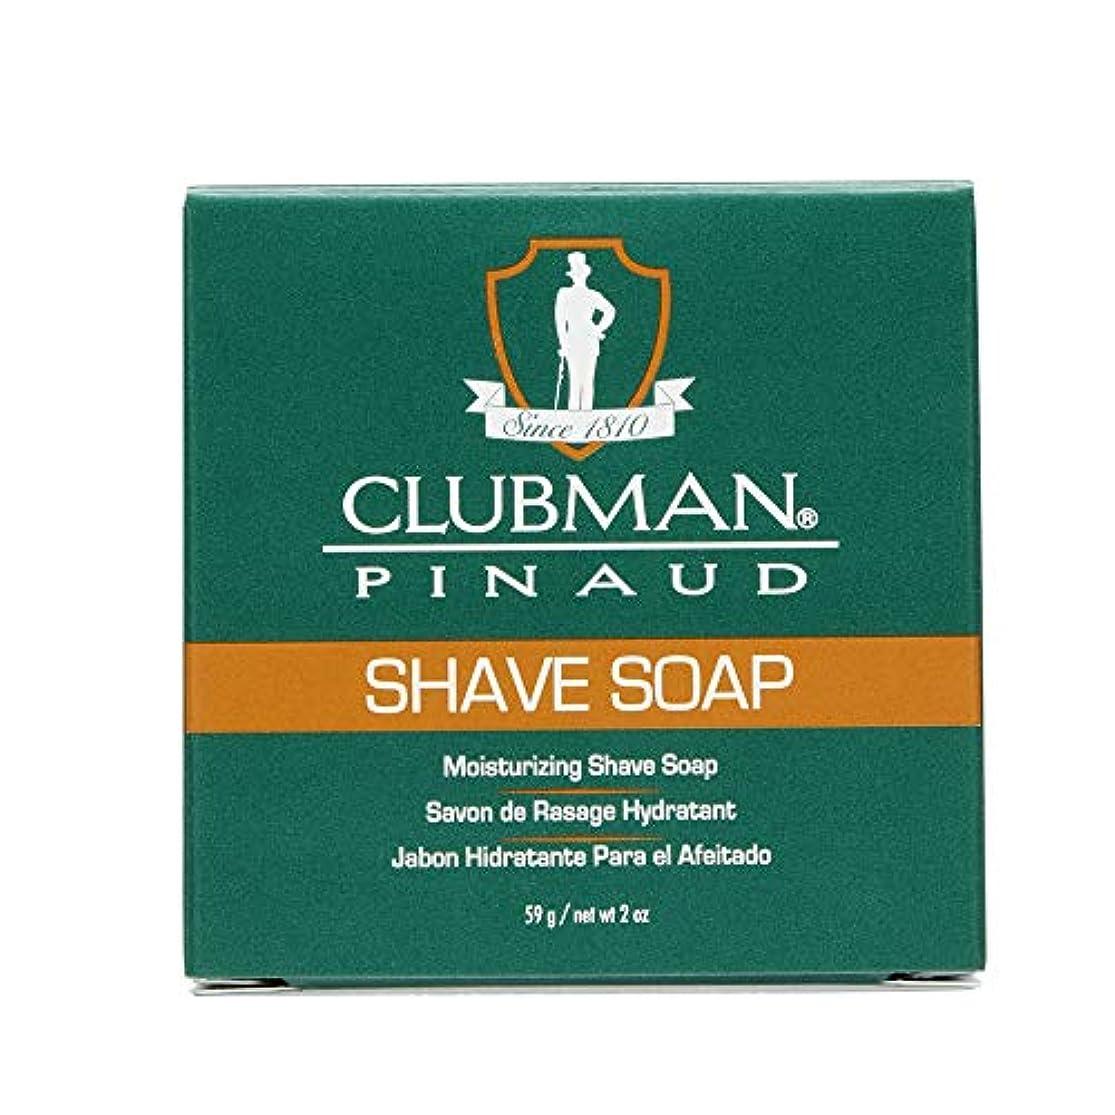 引き出し責警告CLUBMAN Shave Soap (並行輸入品)